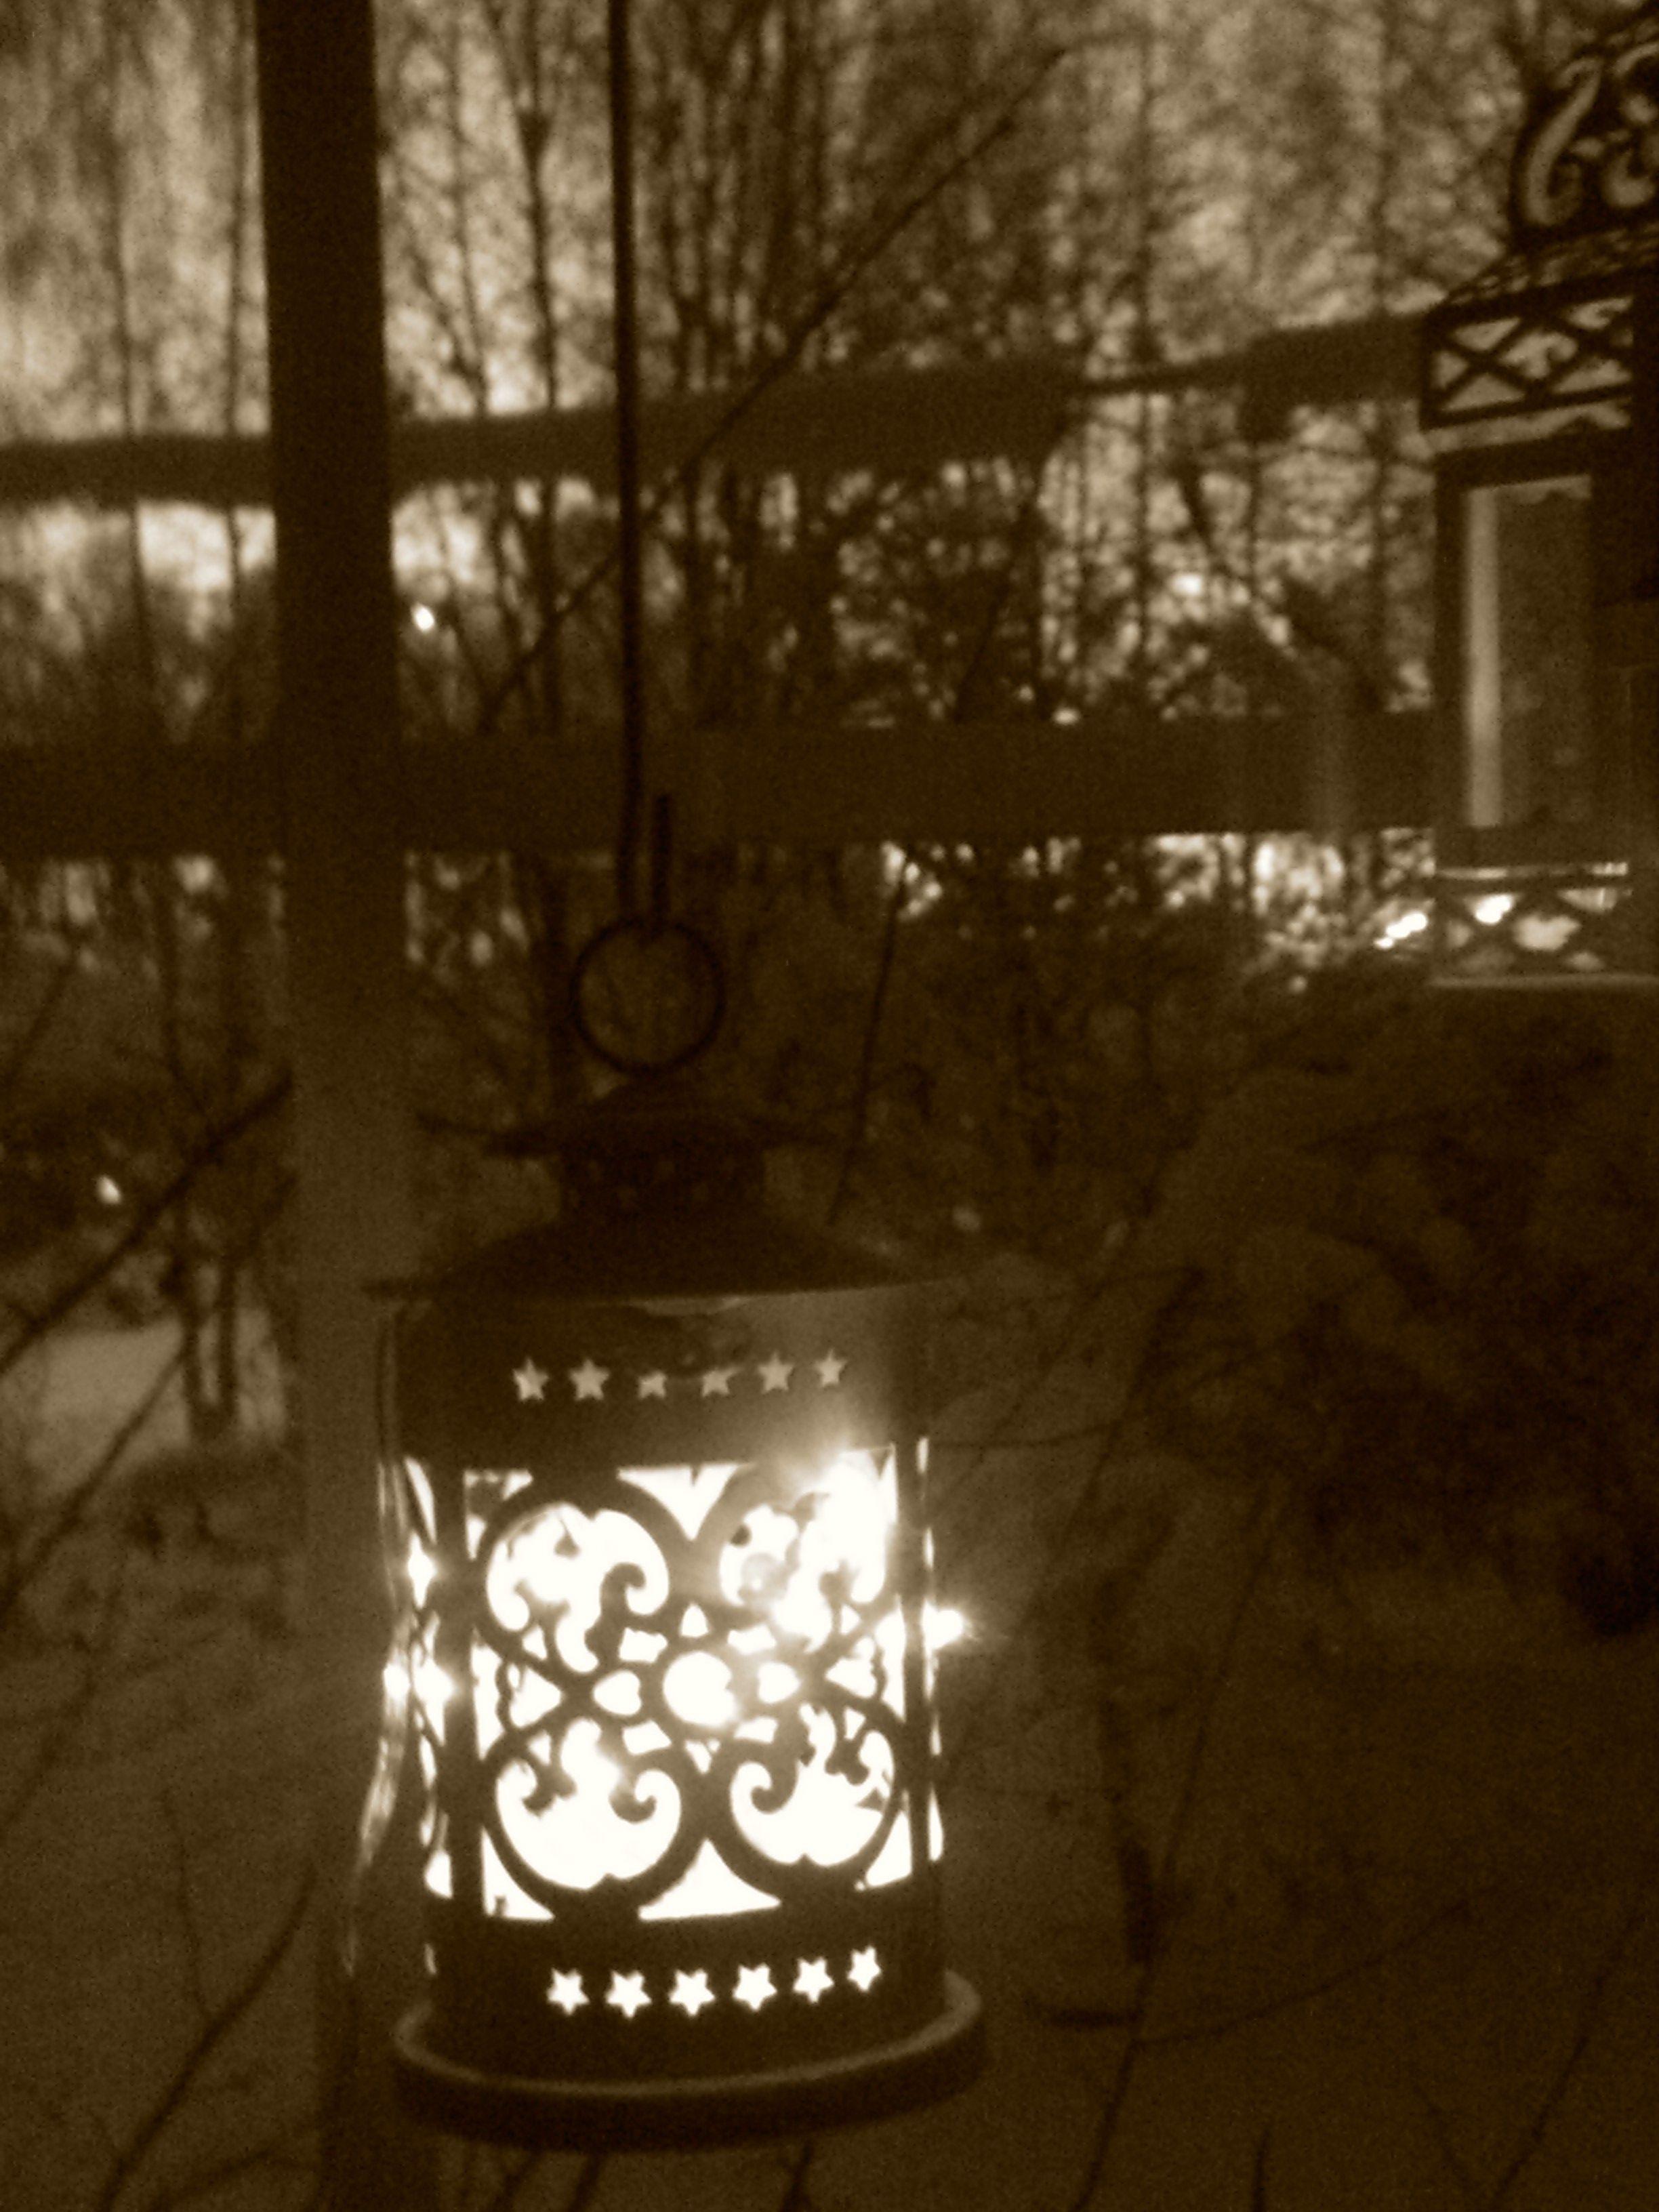 Metallituikku ikkunassa